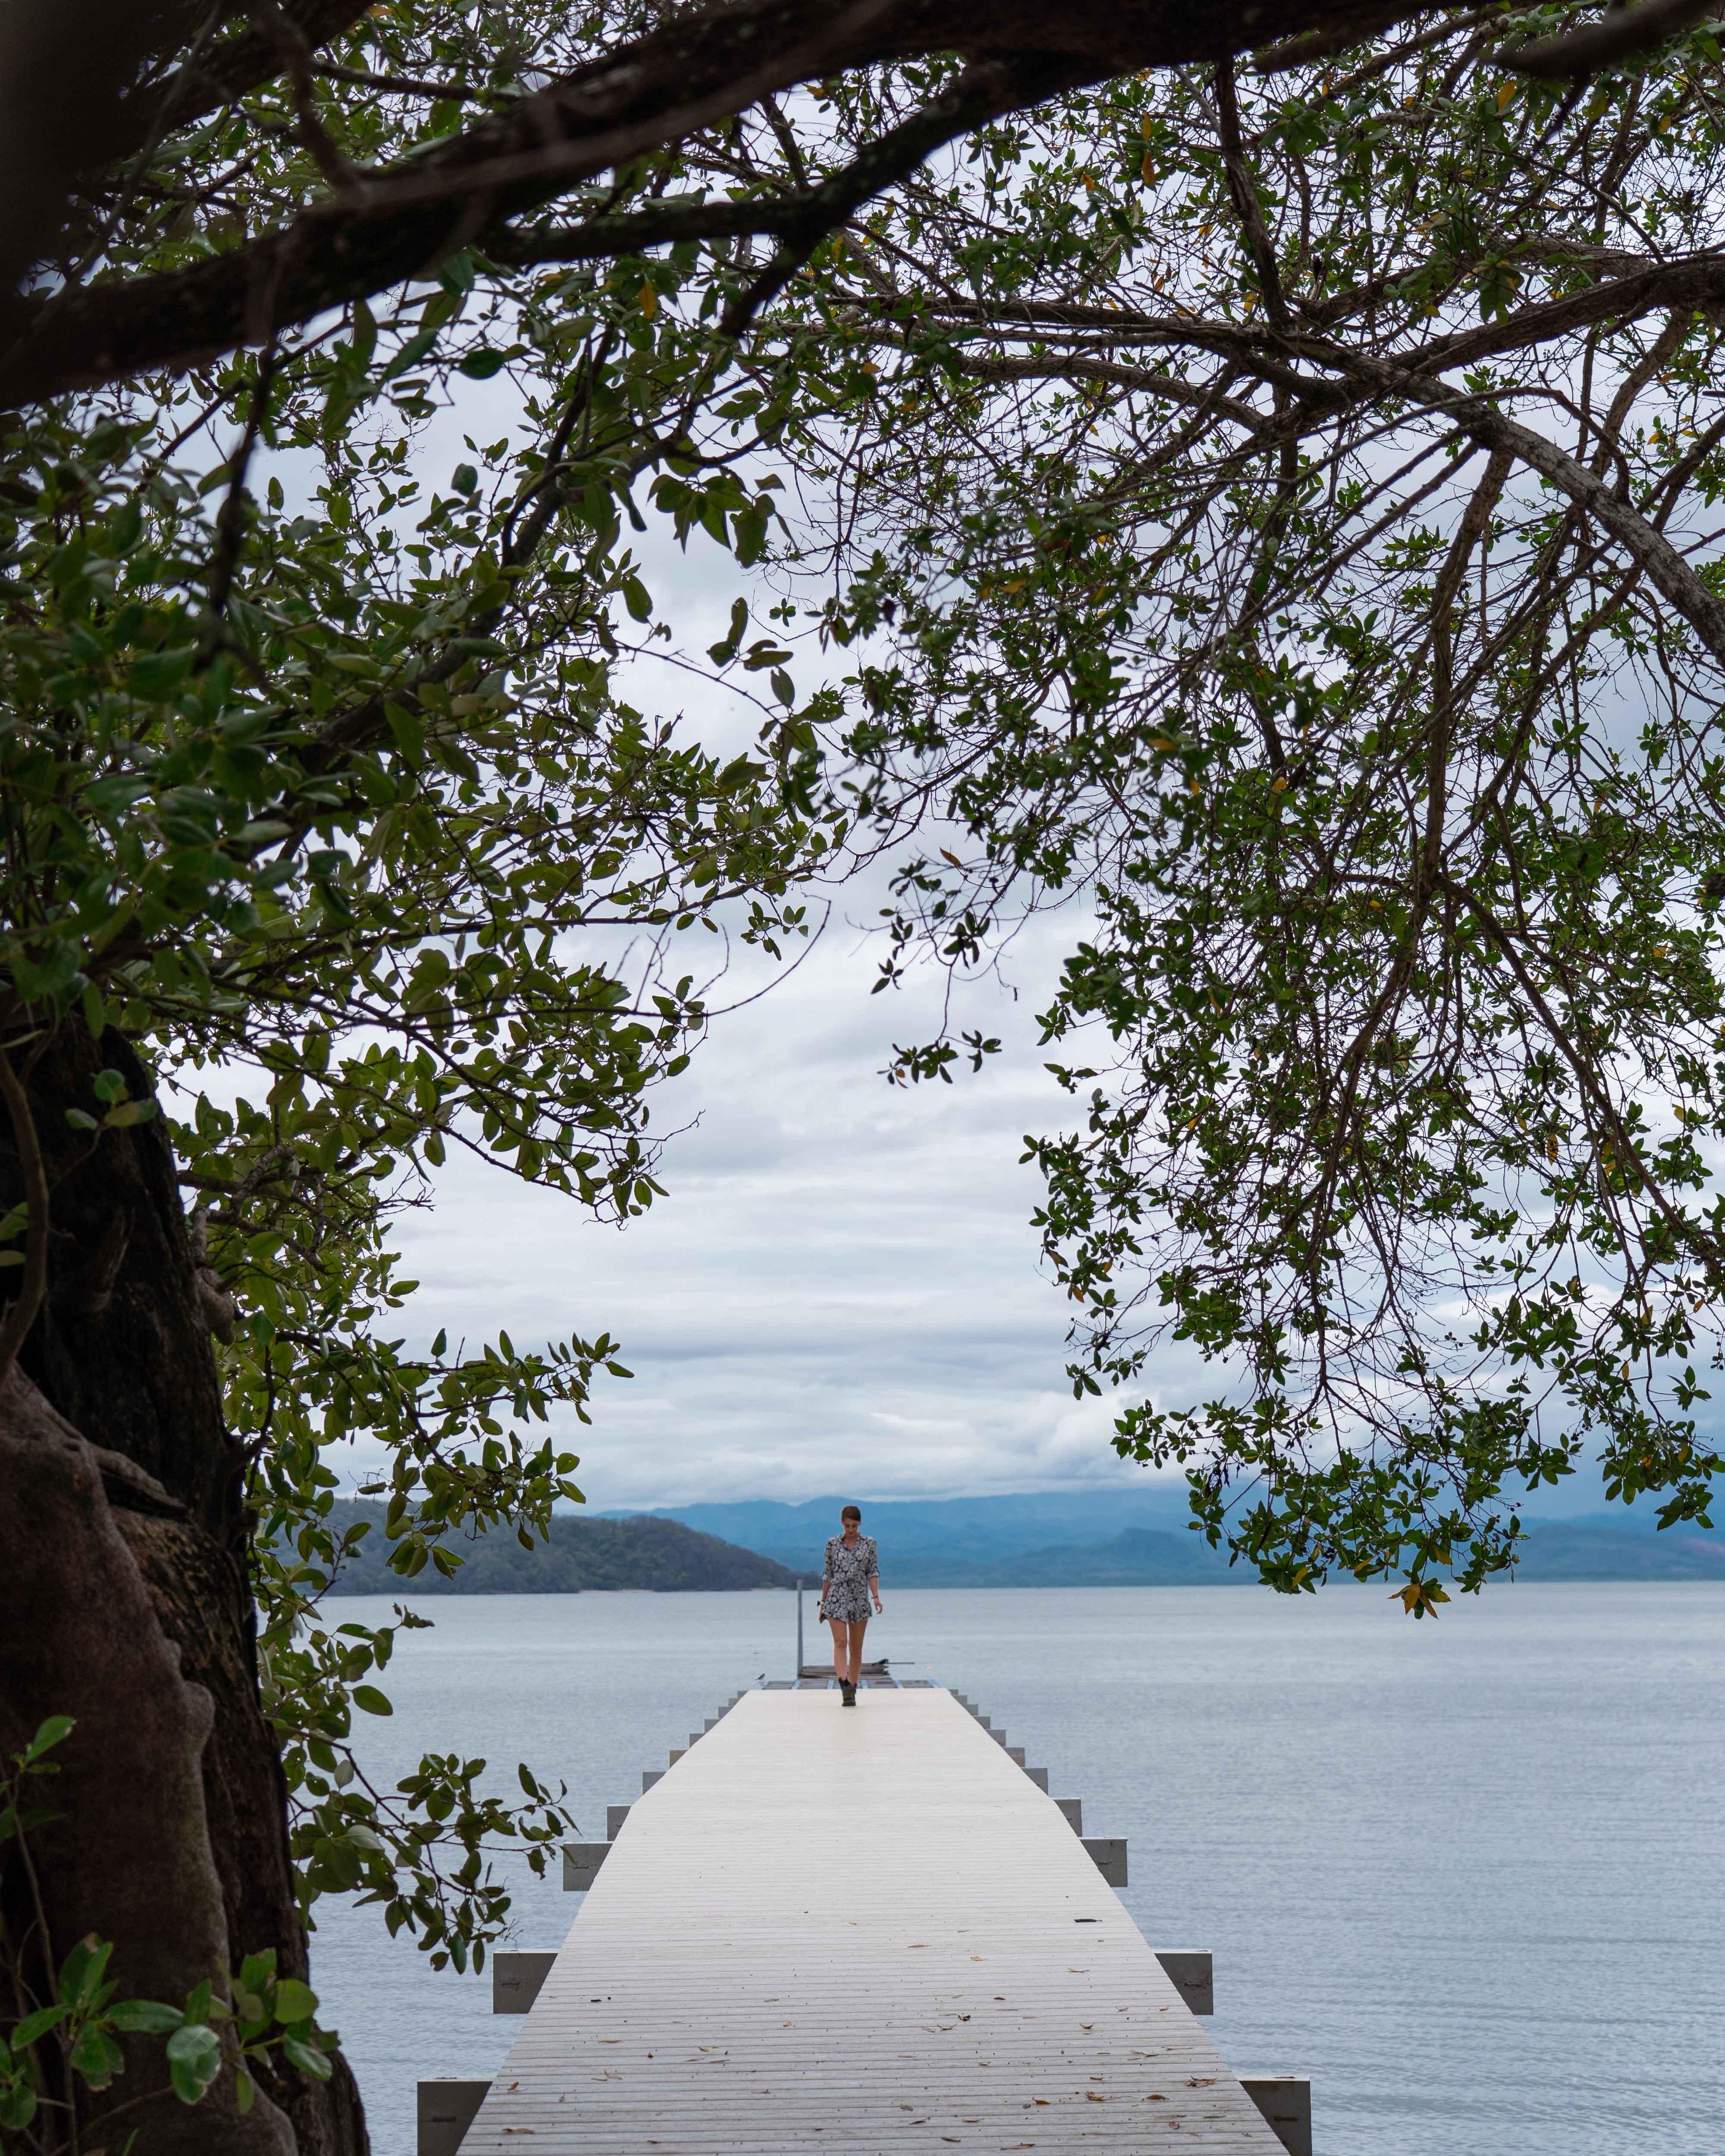 Instagram Hotspots in Costa Rica